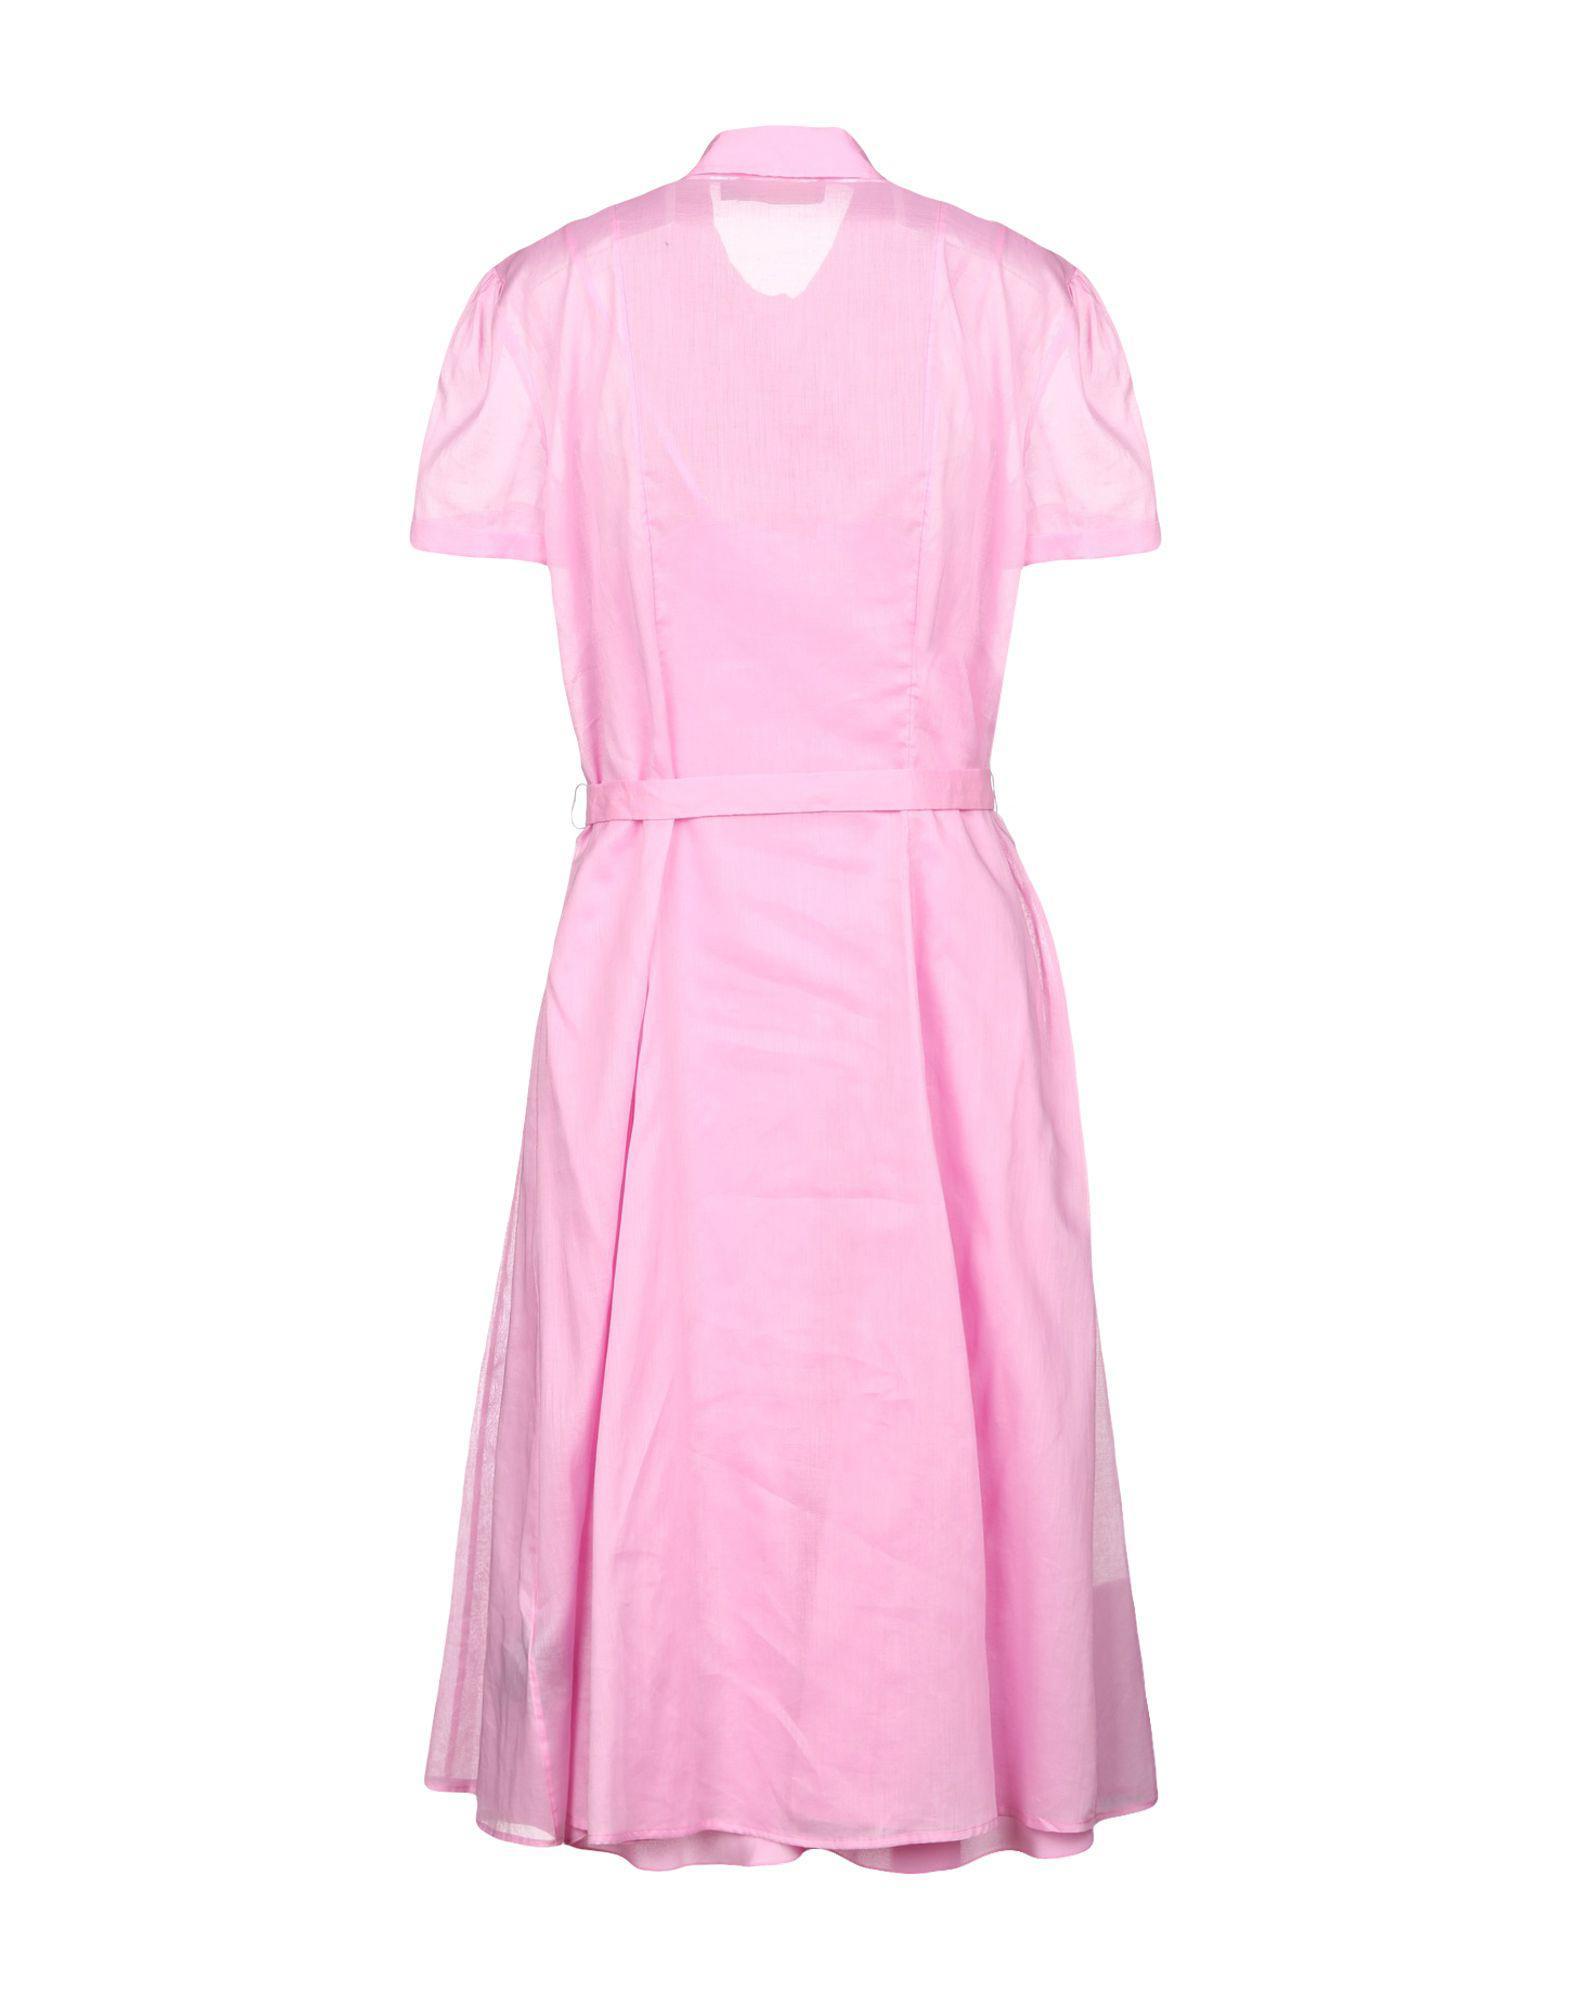 Genoux Ralph Coloris Rose Lyst Robe Polo En Lauren Aux 0vNnwm8O